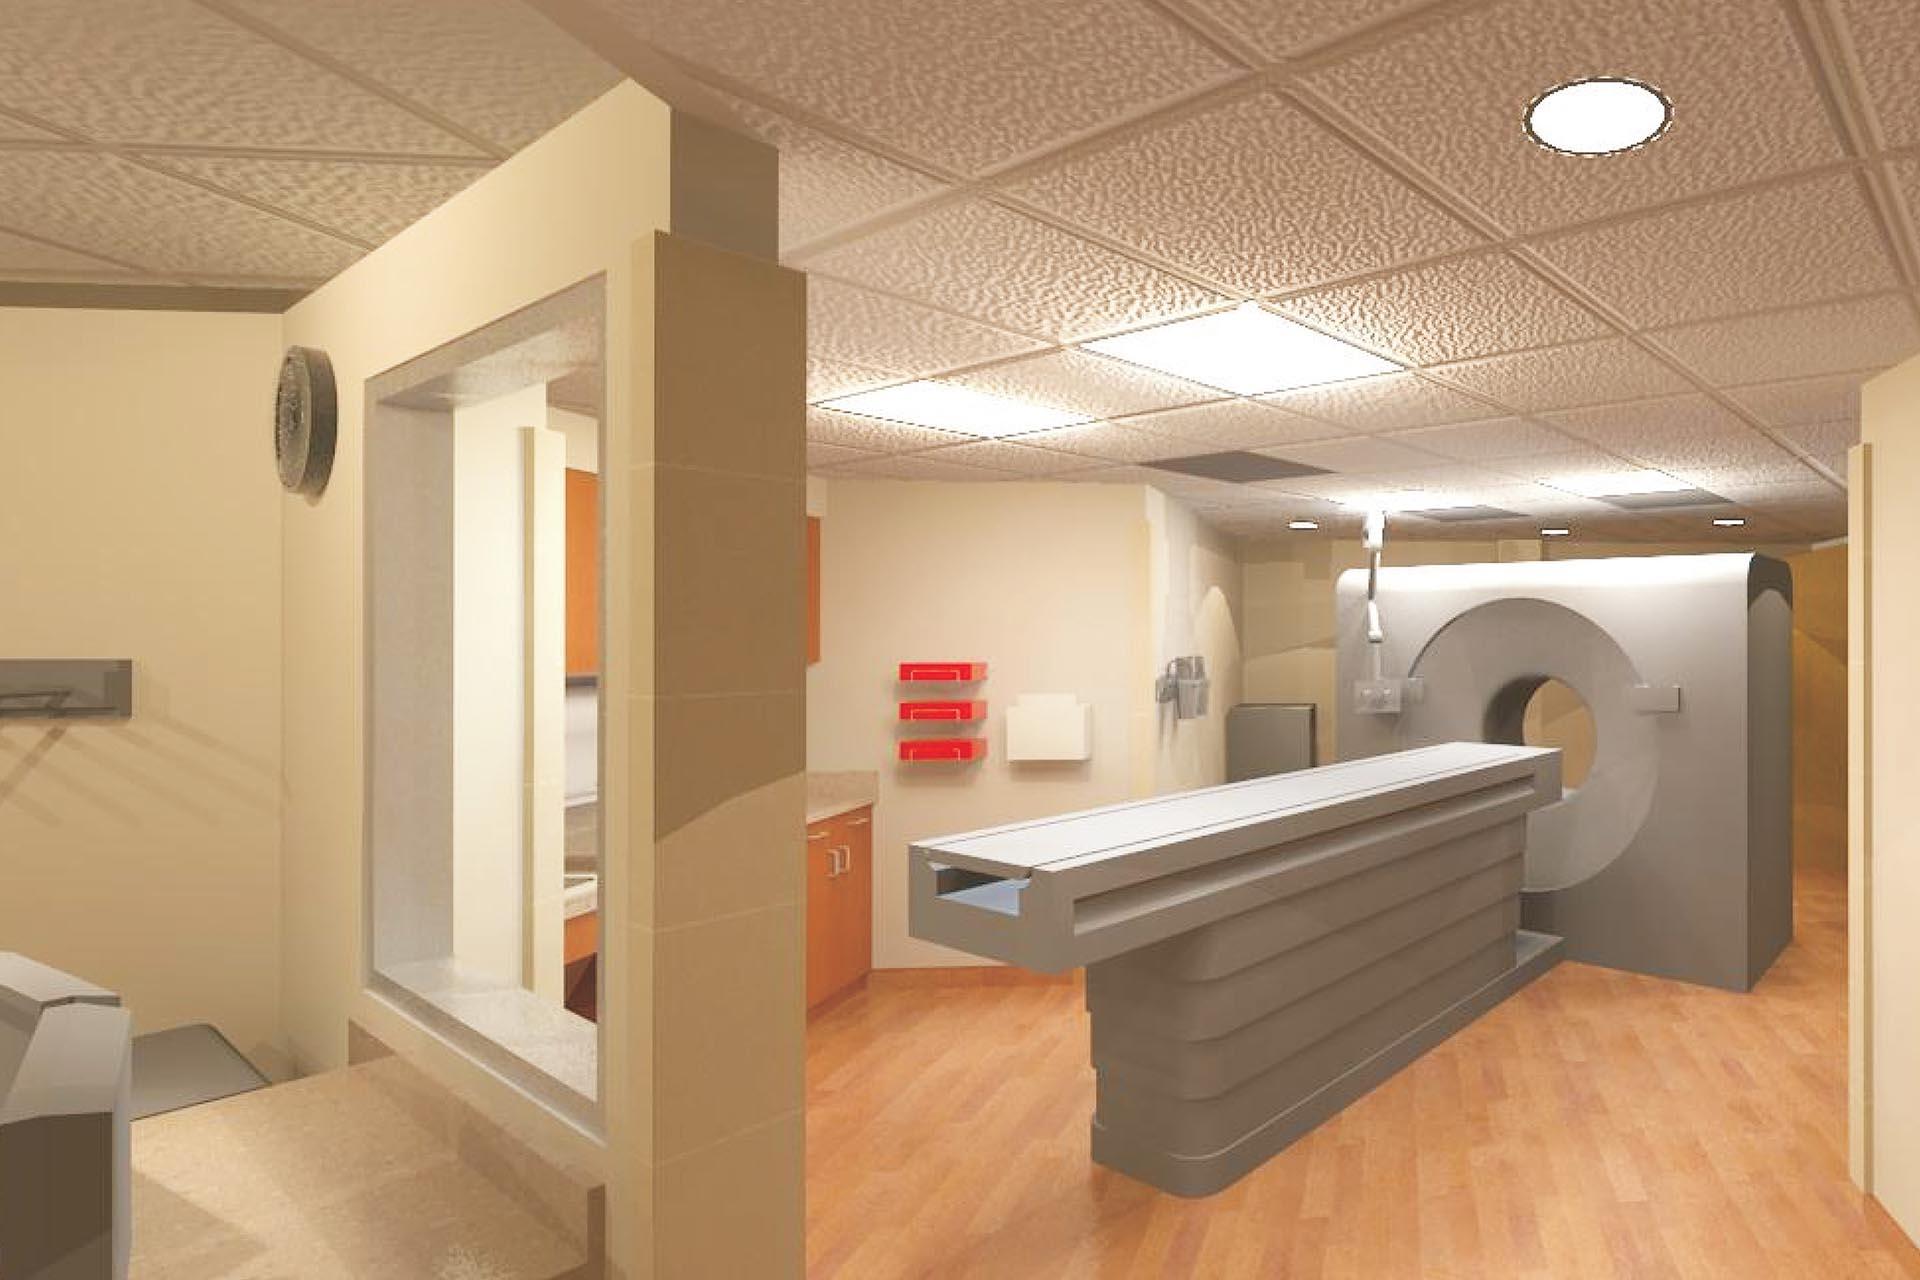 Florida hospital apopka stevens construction for Interior home renovations inc